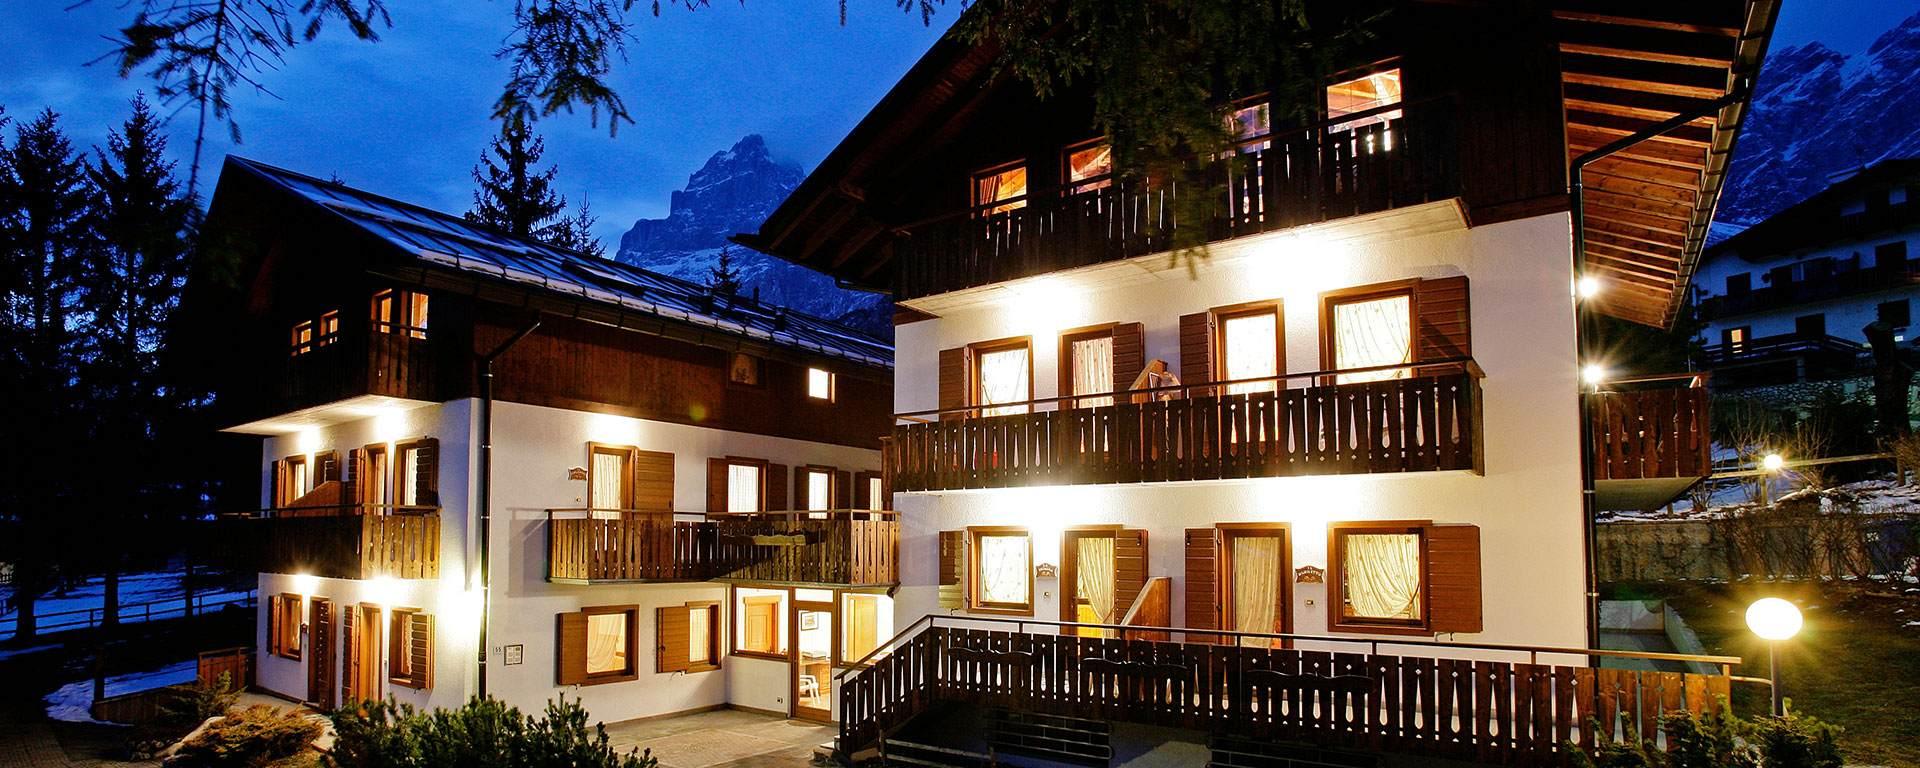 s-residence